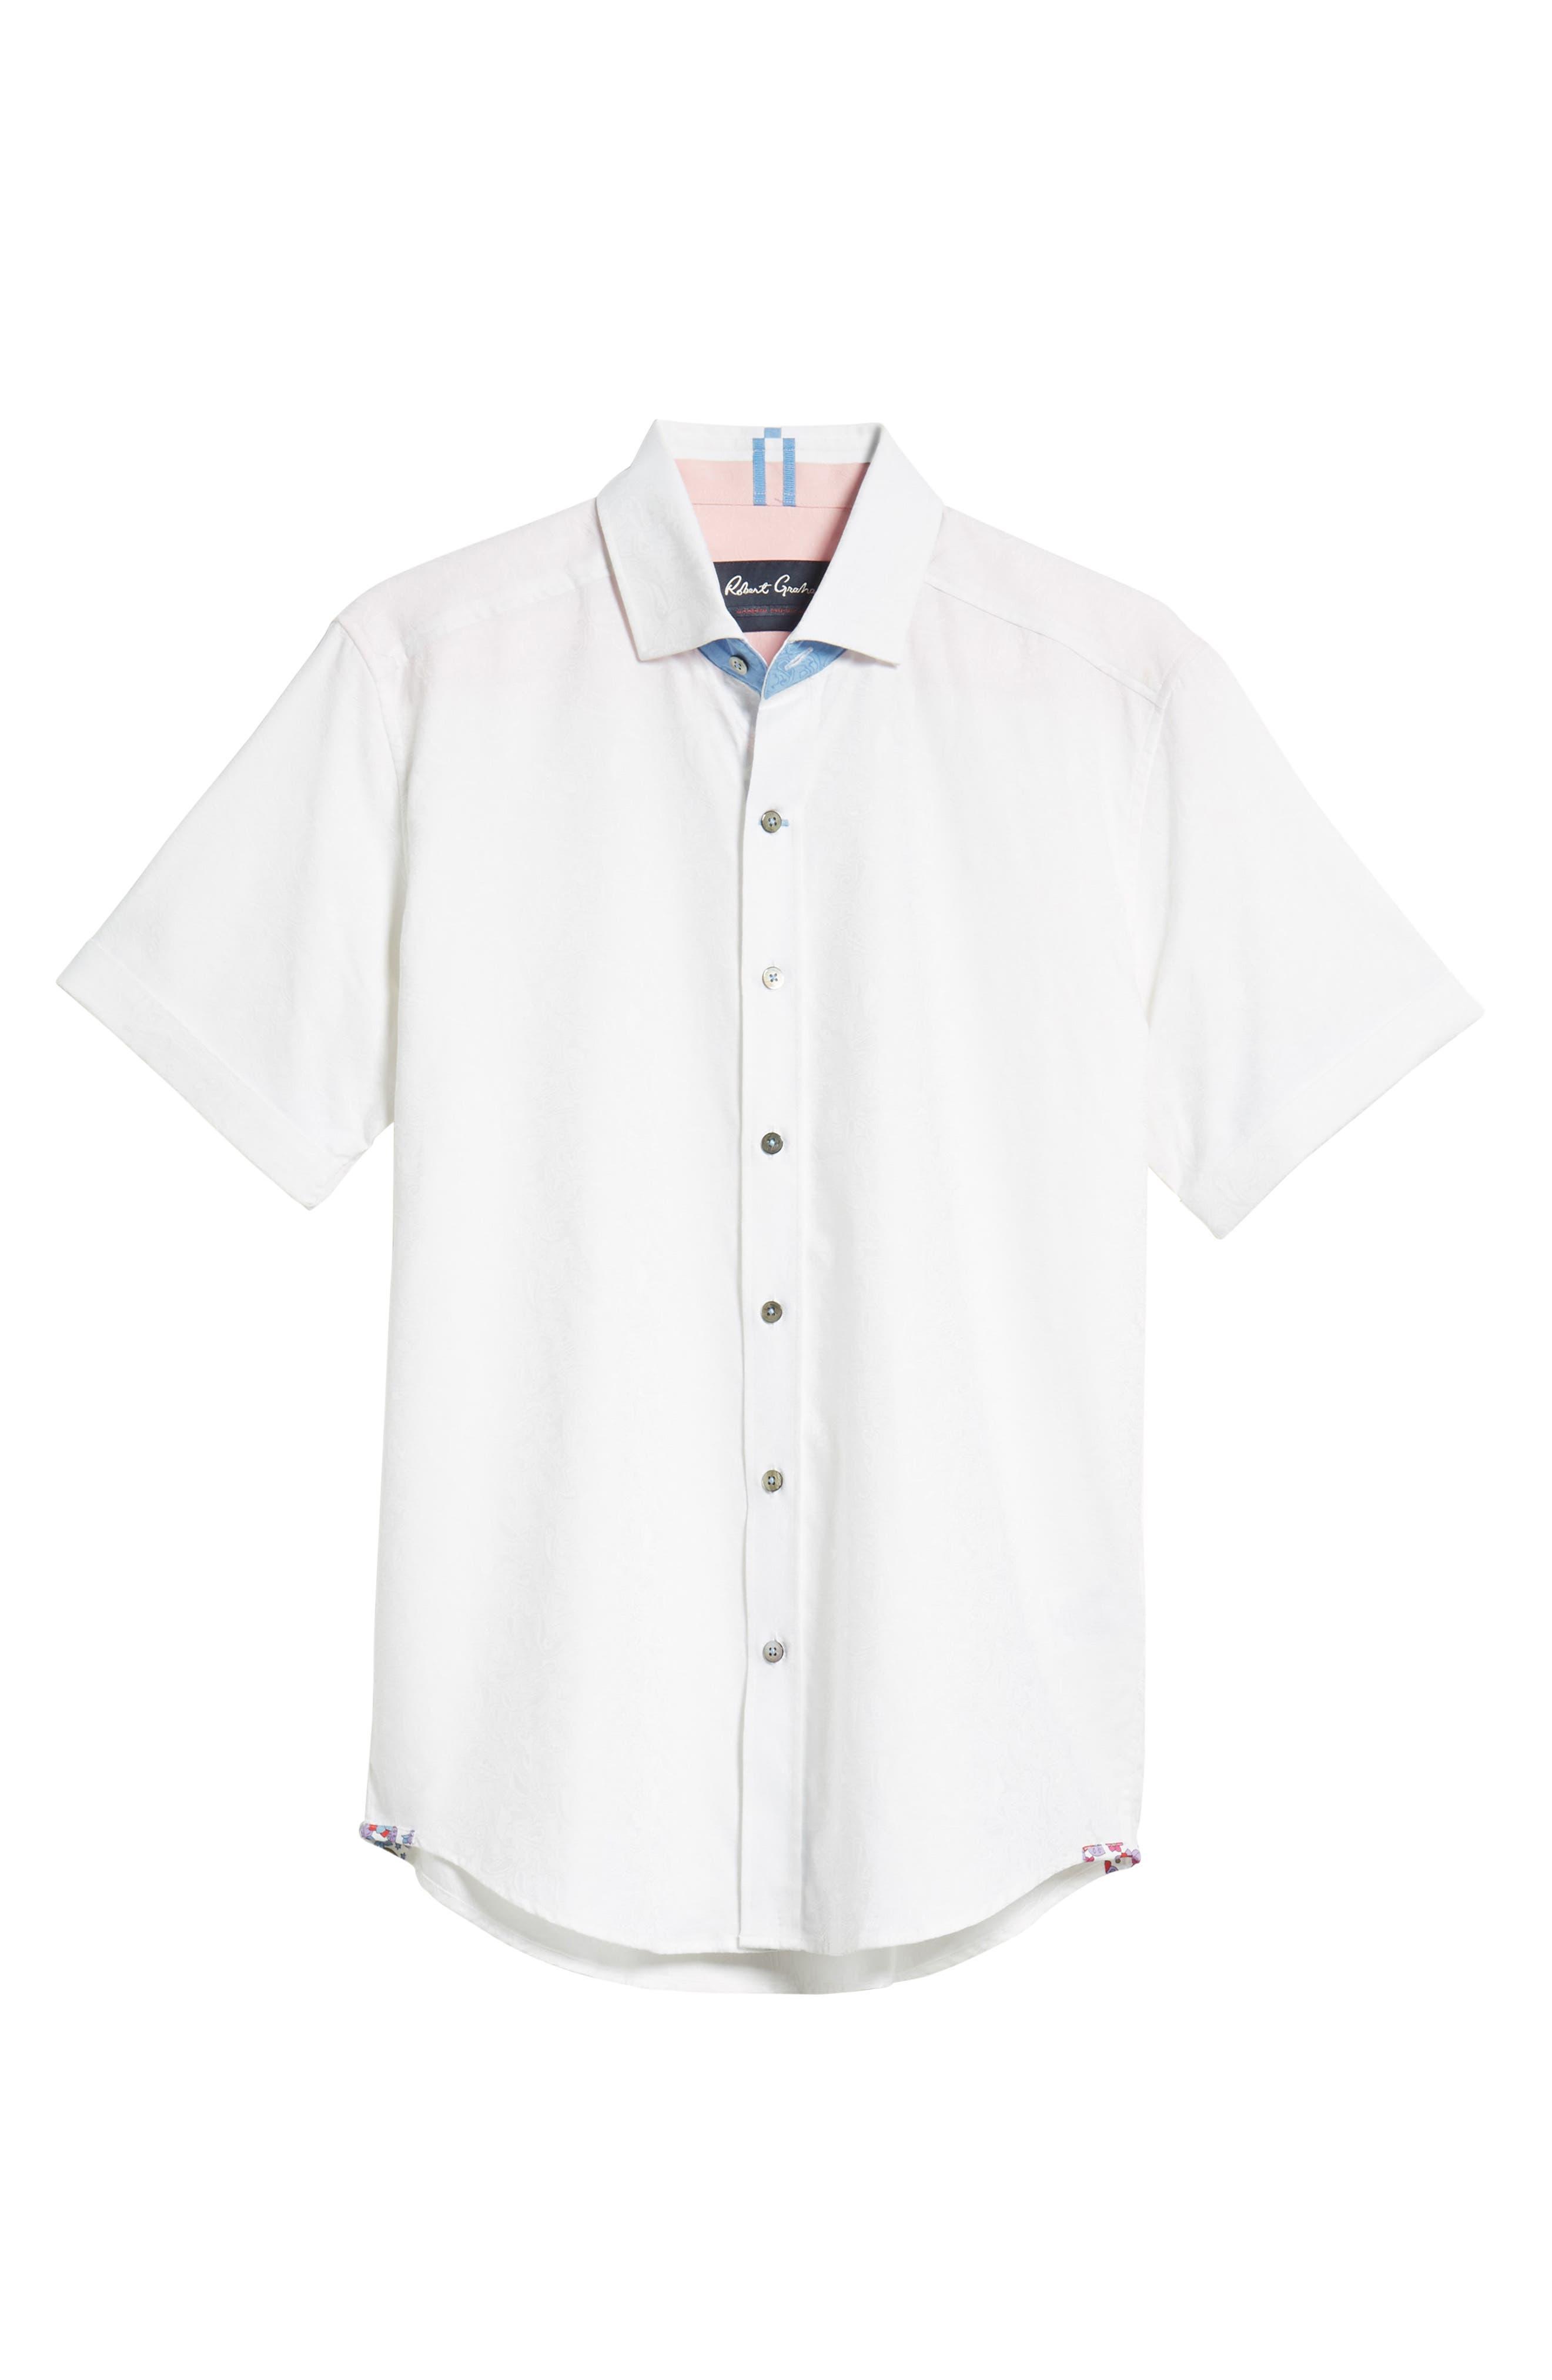 Abbott Sport Shirt,                             Alternate thumbnail 6, color,                             White